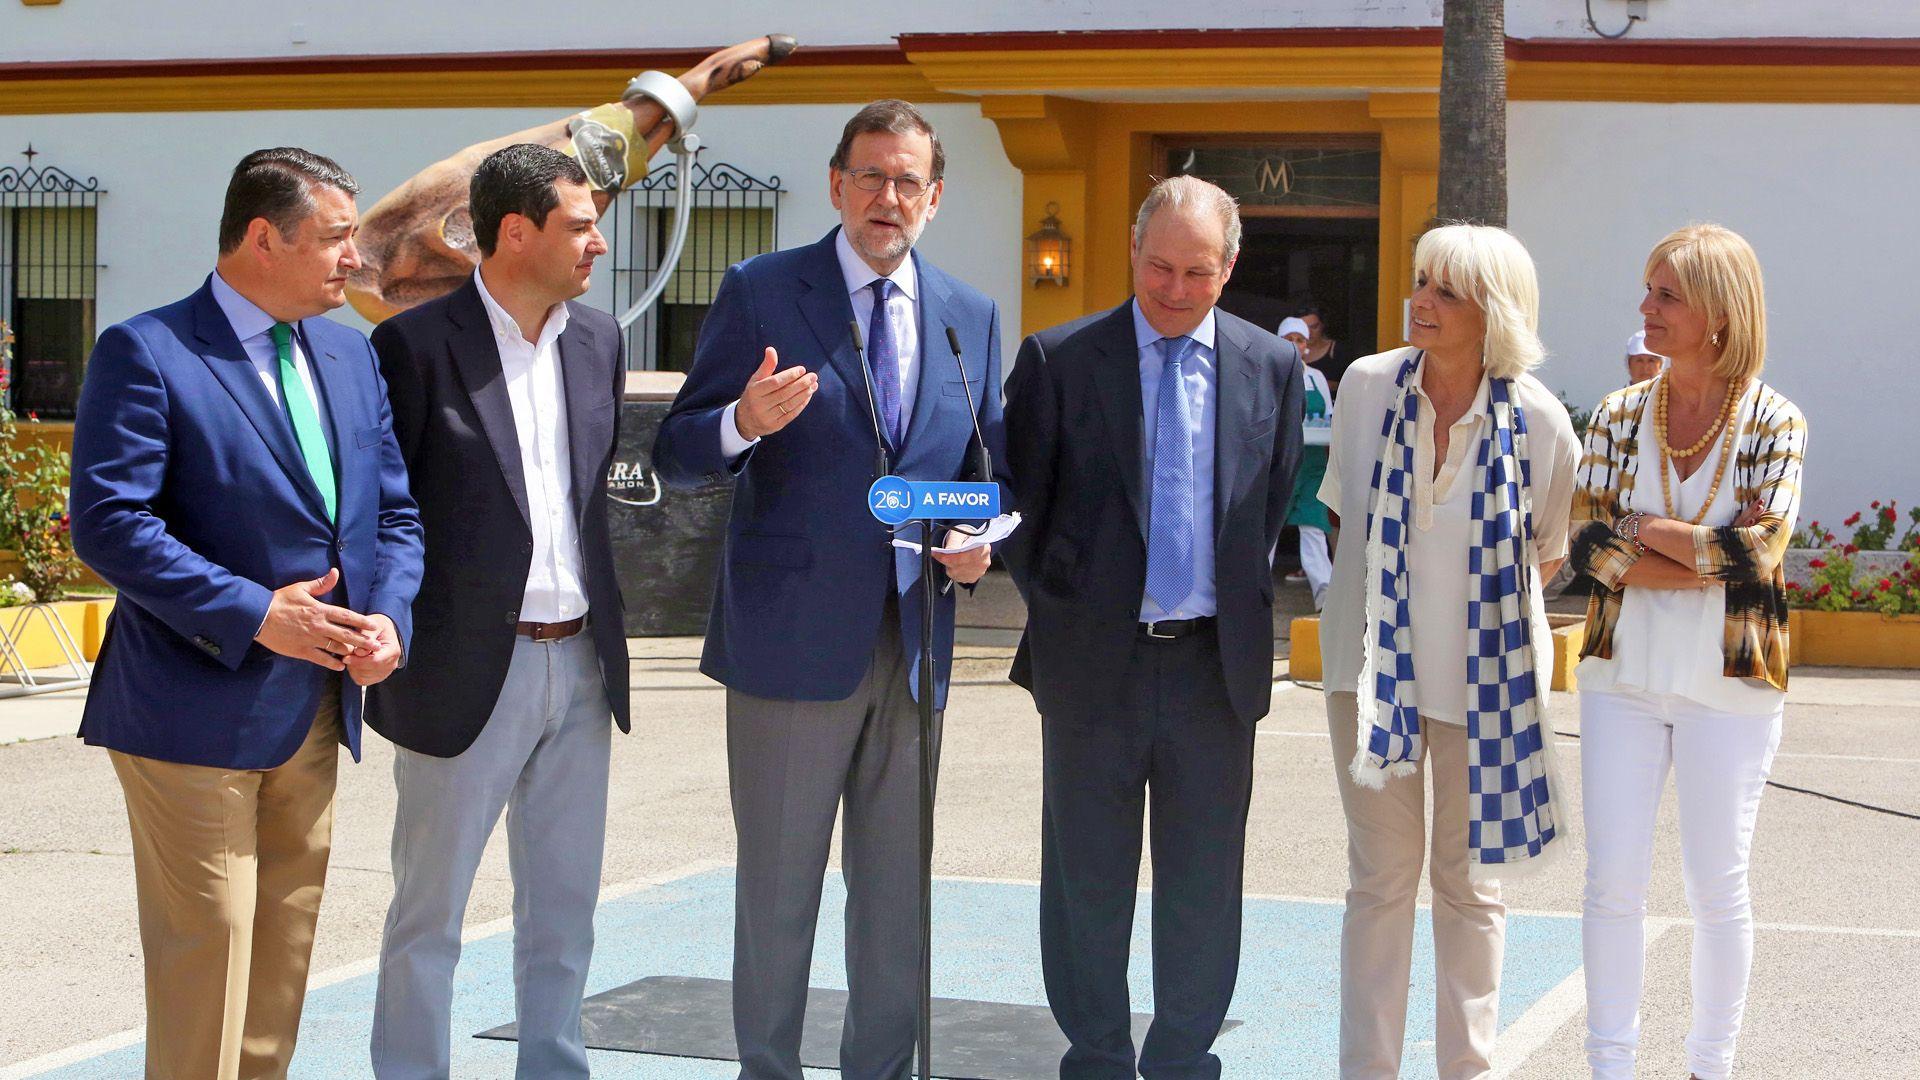 Mariano Rajoy en su intervención tras la visita a la fábrica jerezana Montesierra, 08JUN2016 | Juan Carlos Corchado para MIRA Jerez